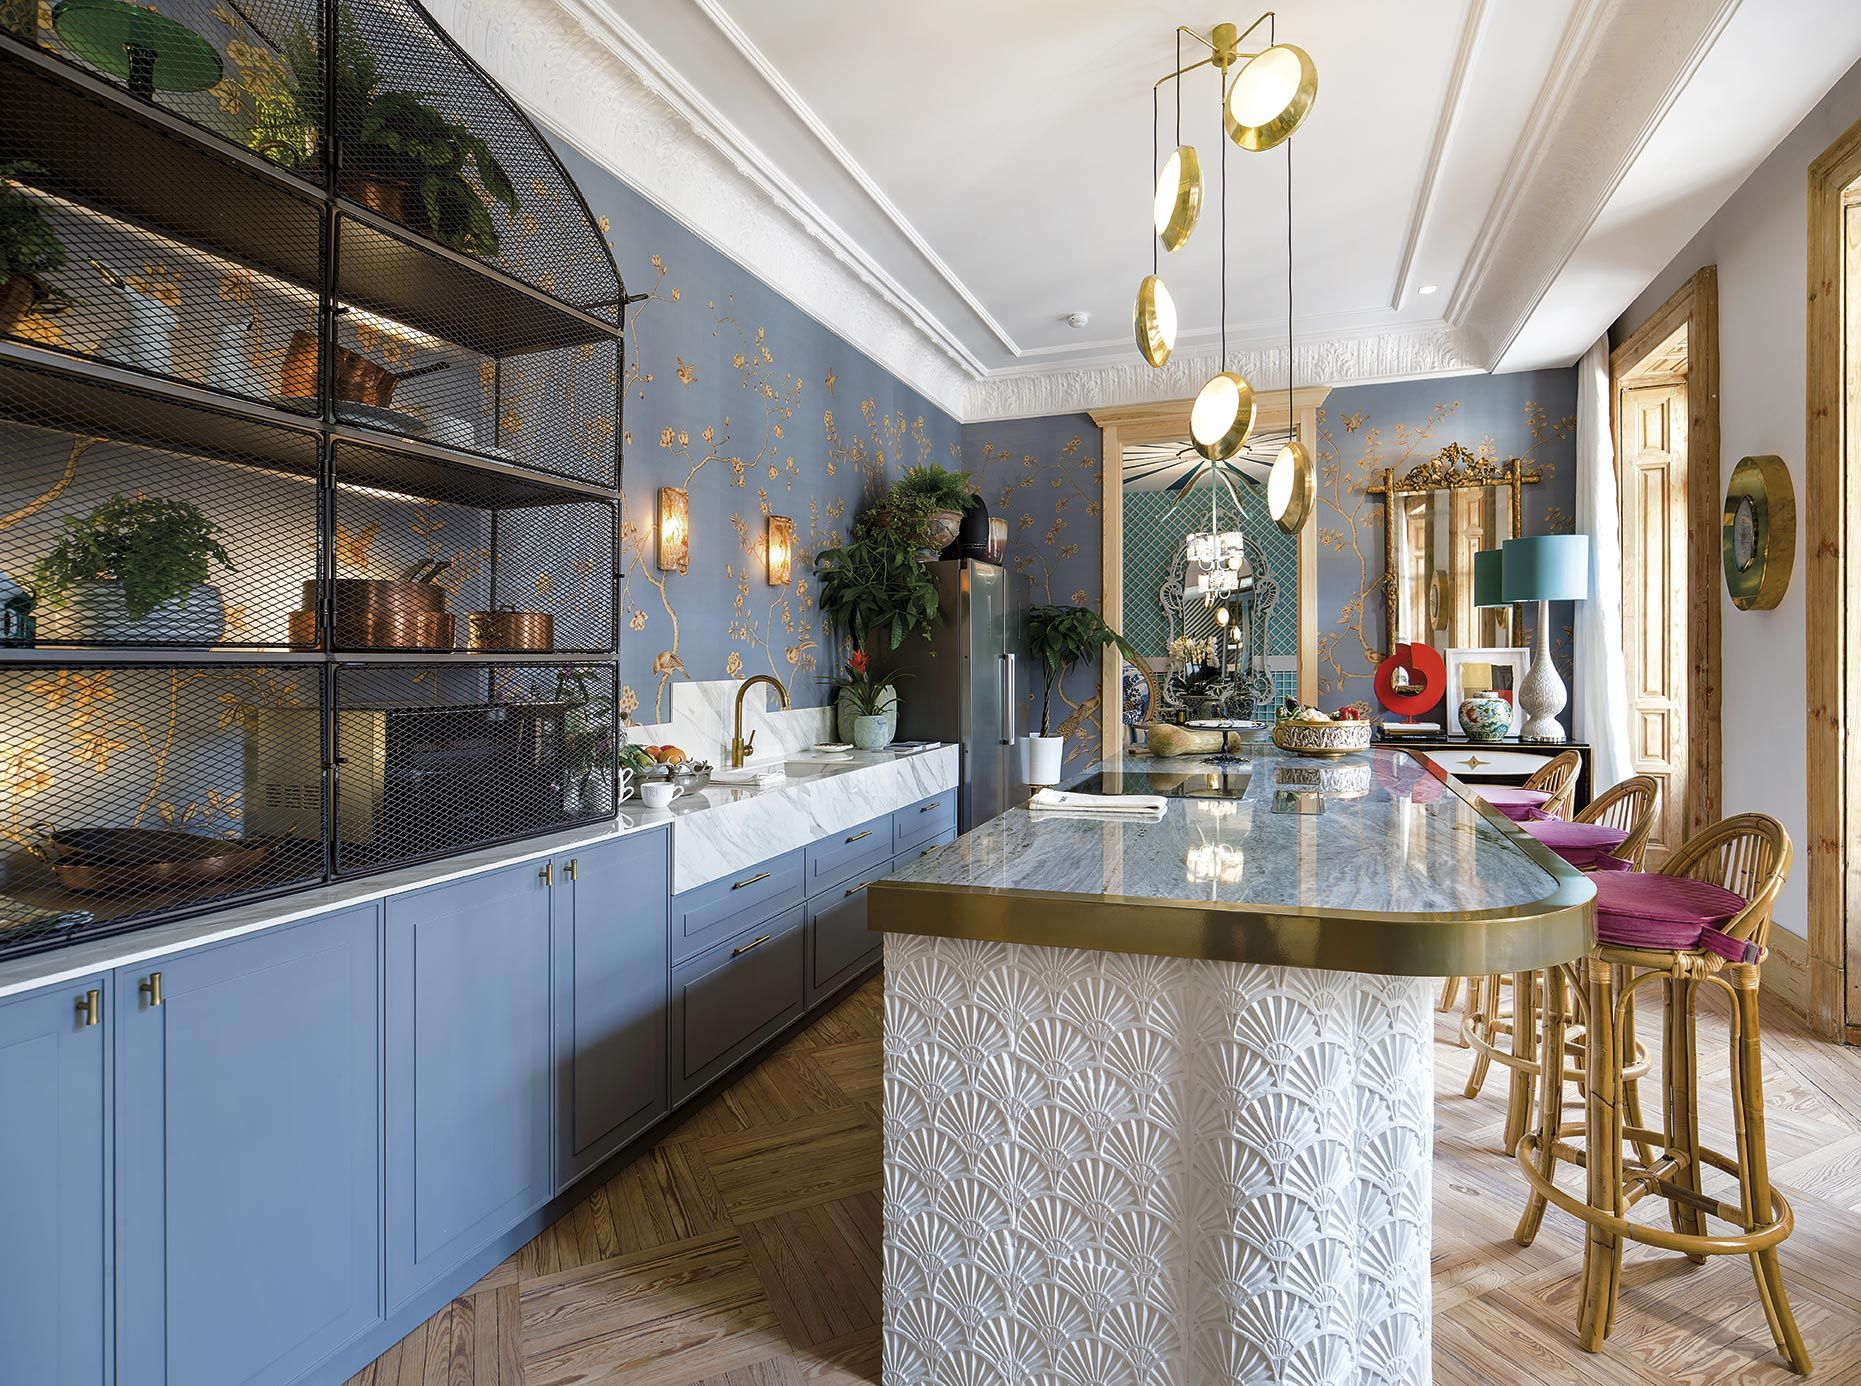 Moderno Galería De Cocina De Diseño De Alianza Motivo - Ideas de ...